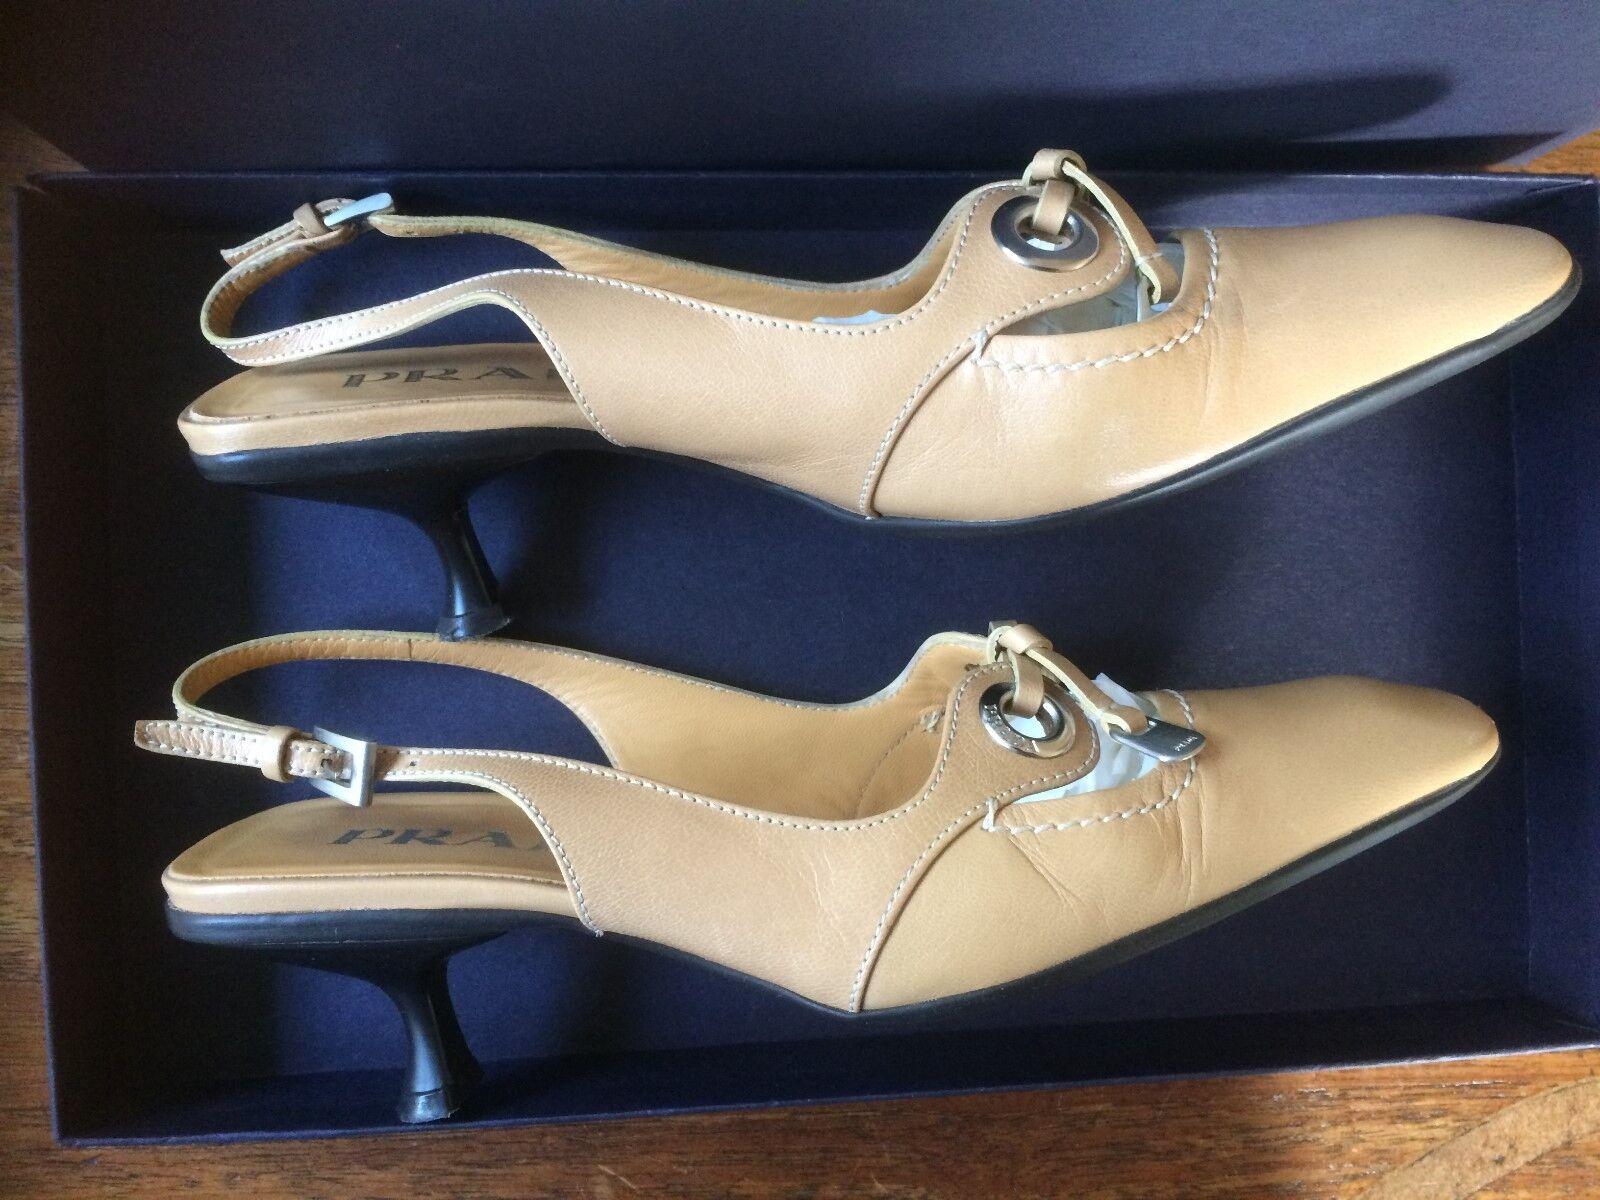 Prada calzature donna madras size 4.5//EU   4.5//EU size 35 b7e81f